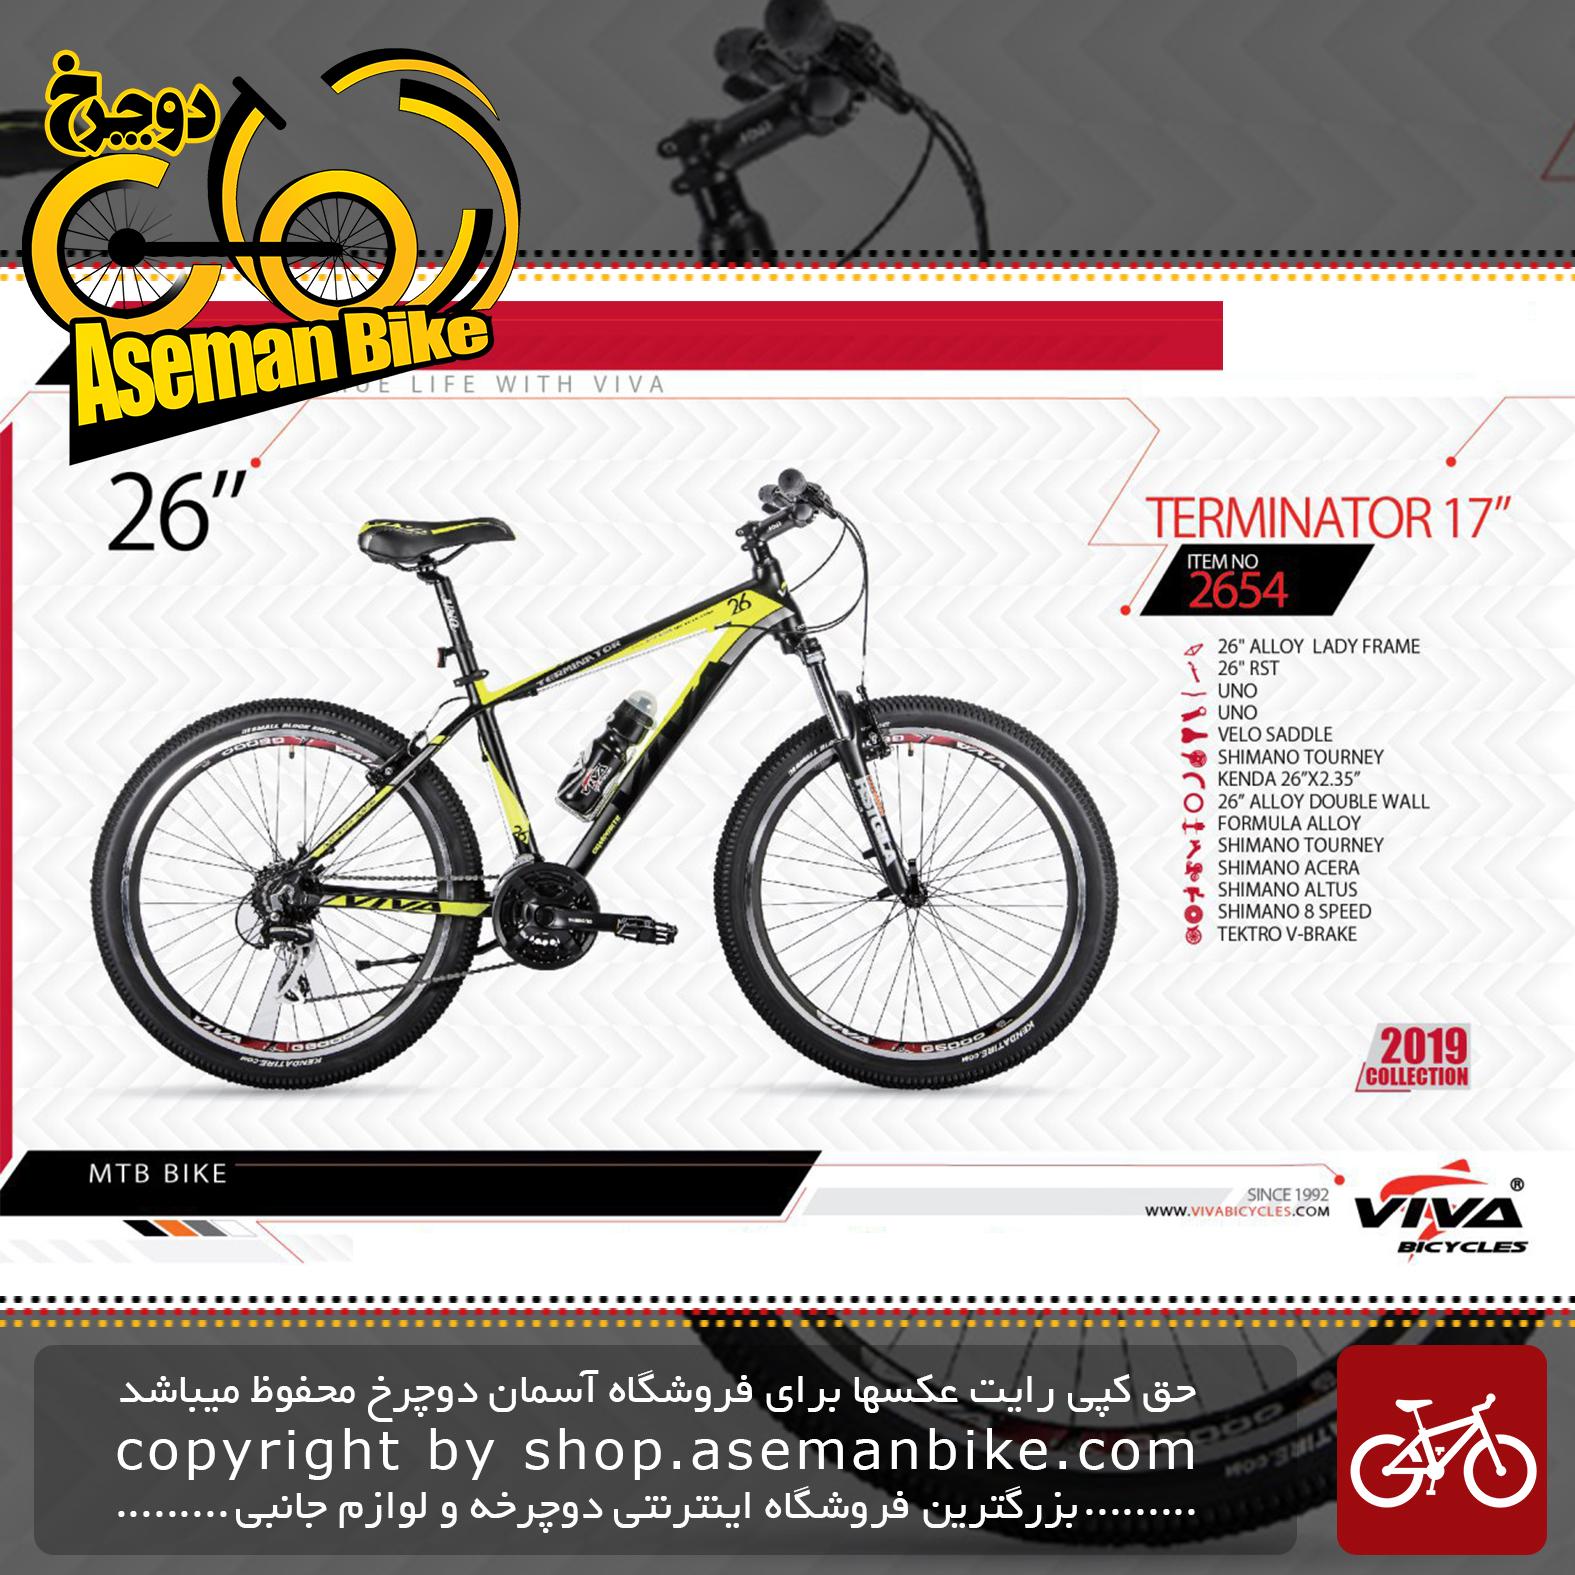 دوچرخه کوهستان سایز 26 ویوا مدل ترمیناتور 17 VIVA TERMINATOR SIZE 26 20192019